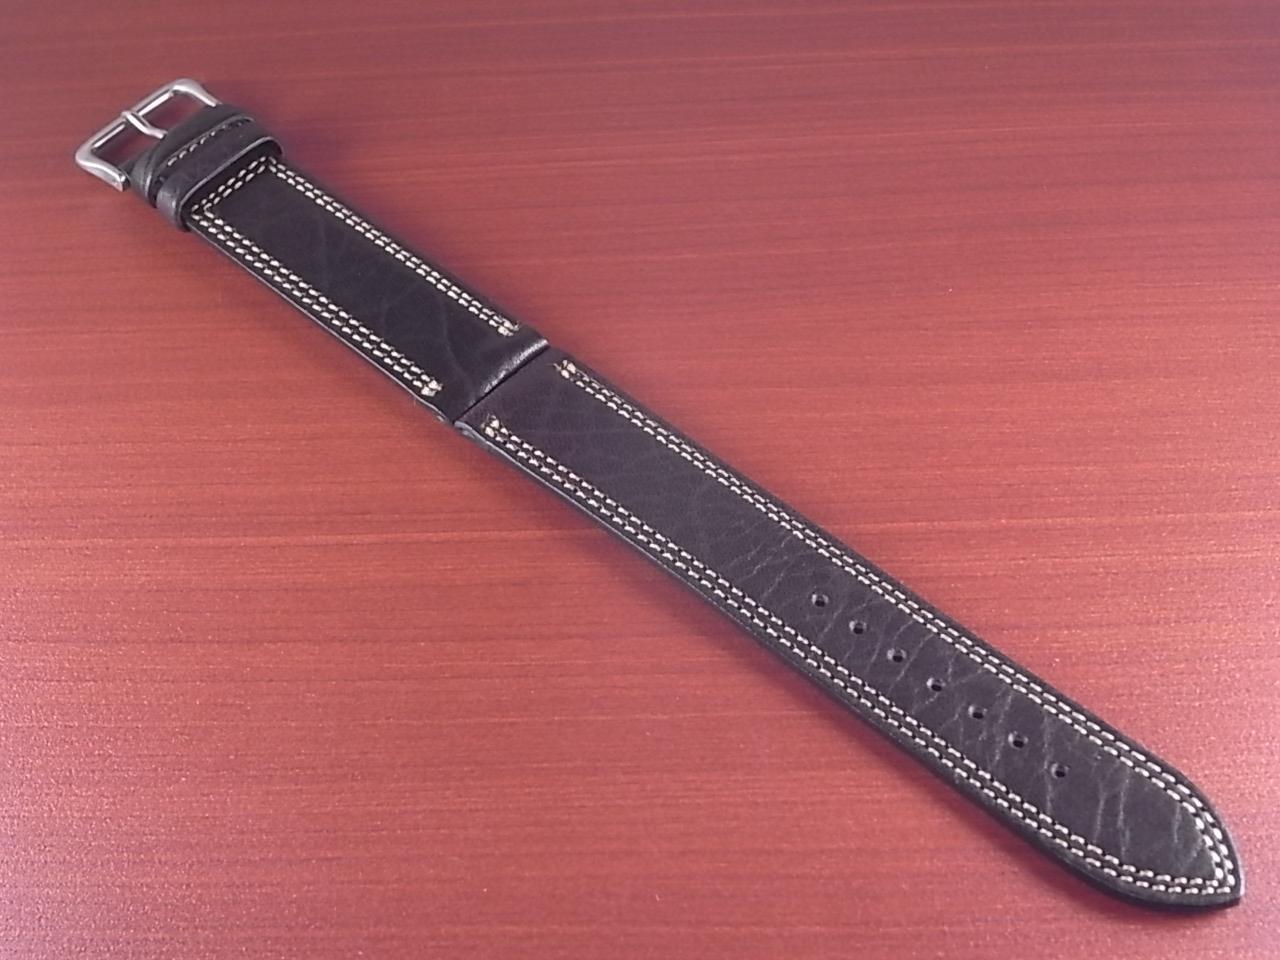 ホースハイド 革ベルト  Wステッチ ダークブラウン 18、20mmのメイン写真